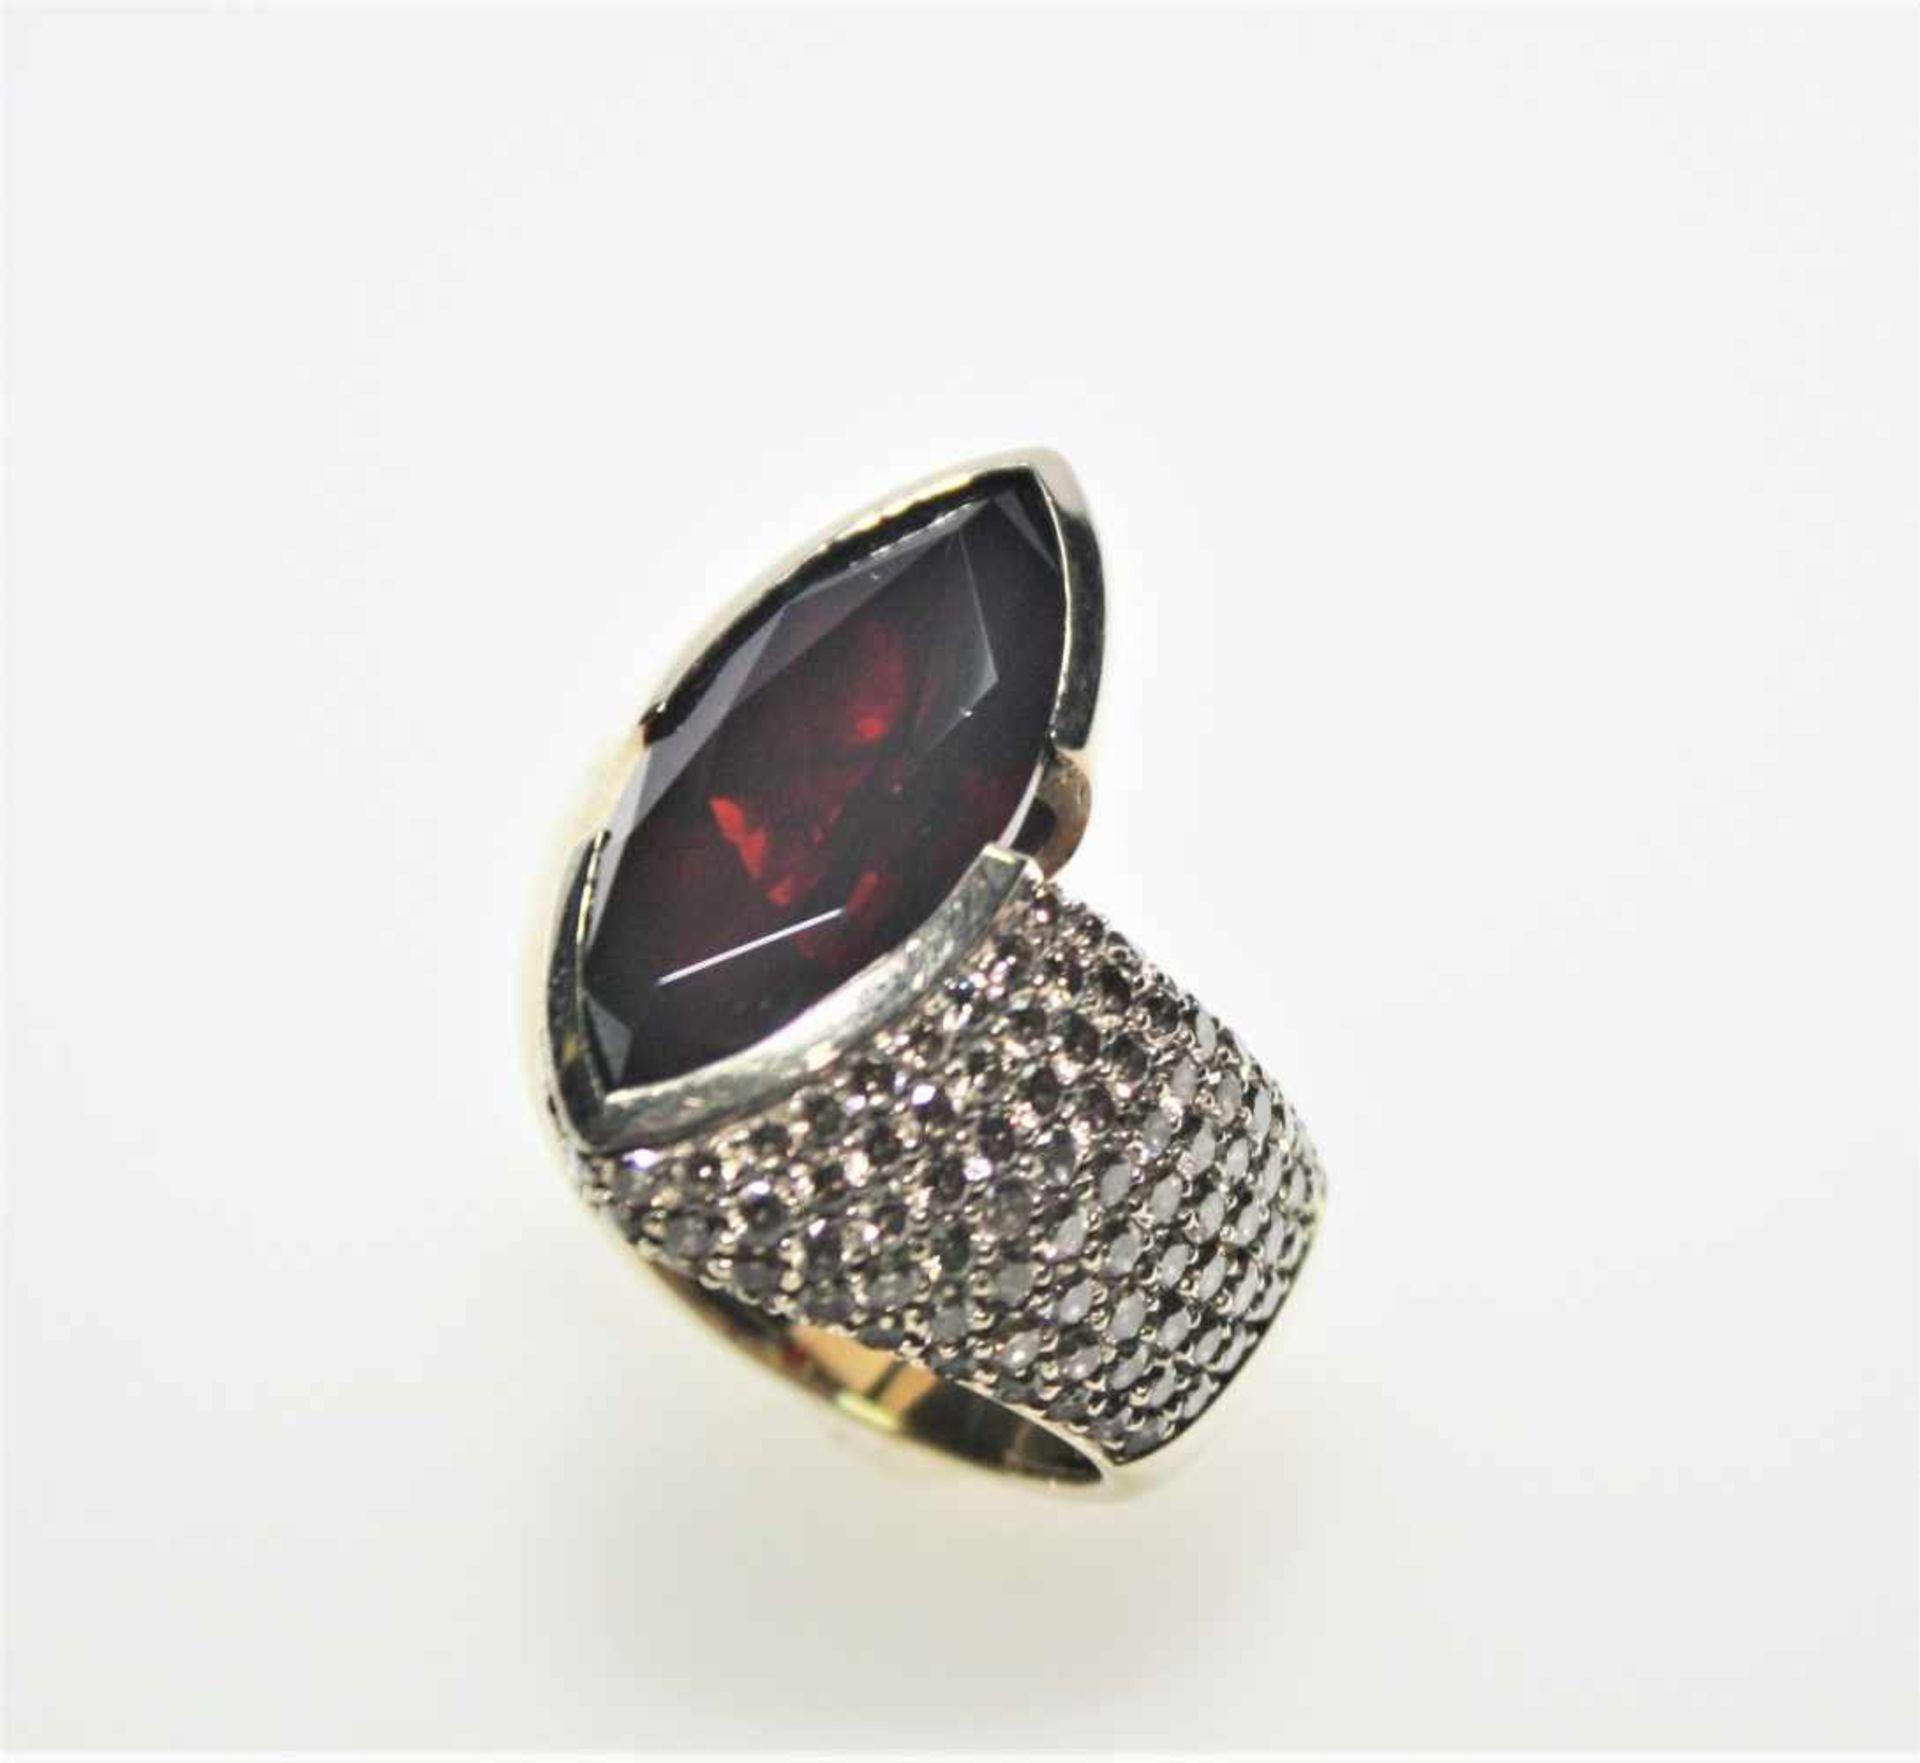 Los 45 - Breiter, goldener Designerring 750/f gest. mit einem längsgestellten, dunkelroten Granat in